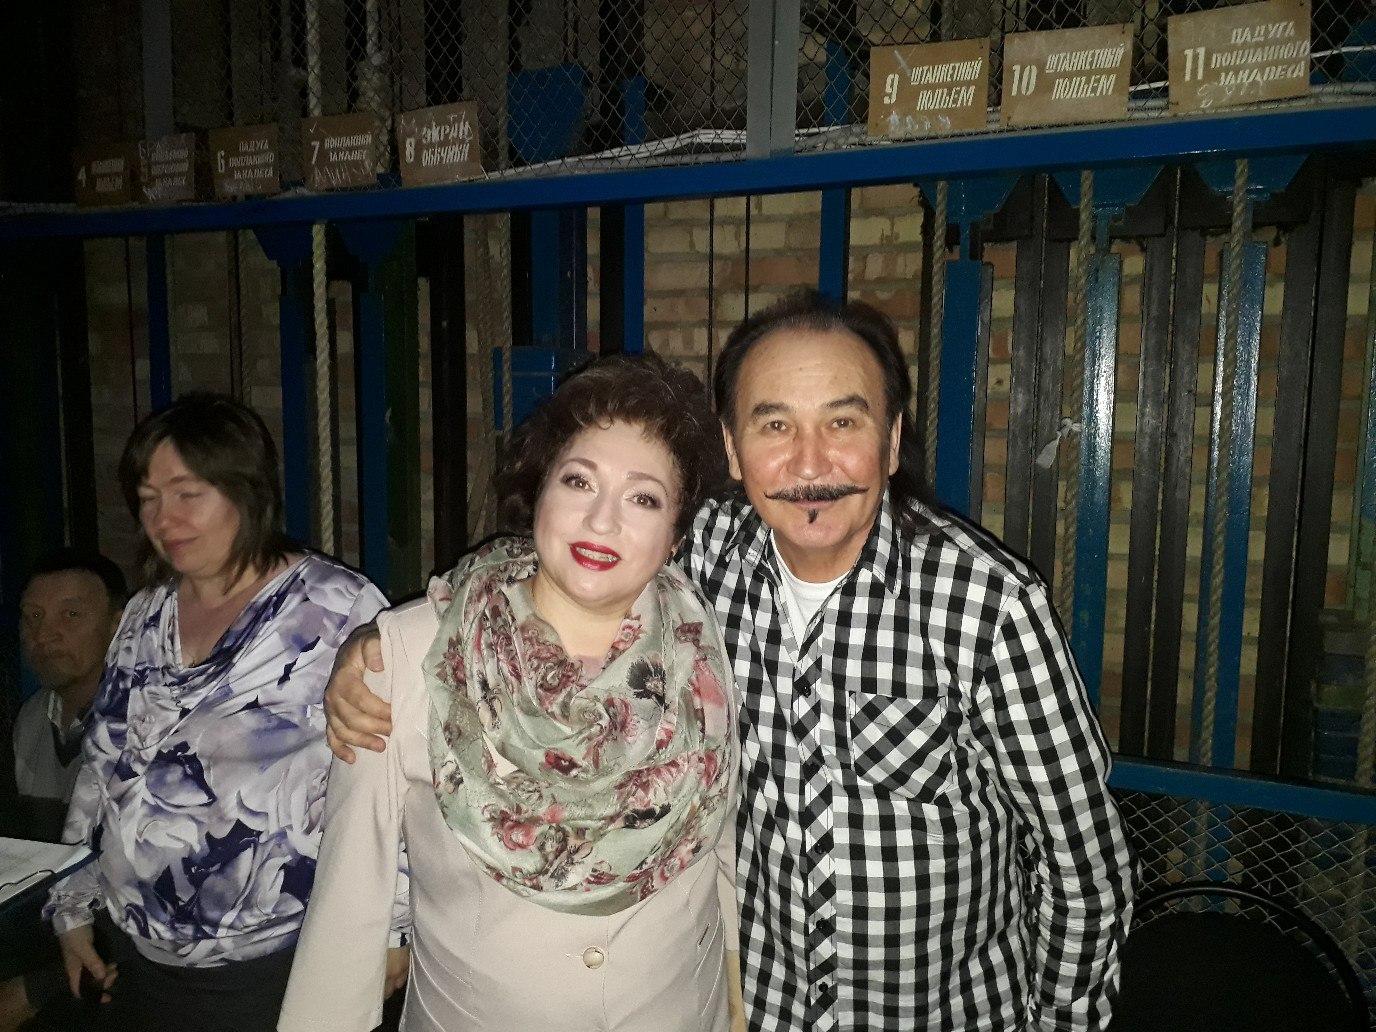 Назифа Кадырова и Гали Алтынбаев на встрече-концерте художников в г. Белебей